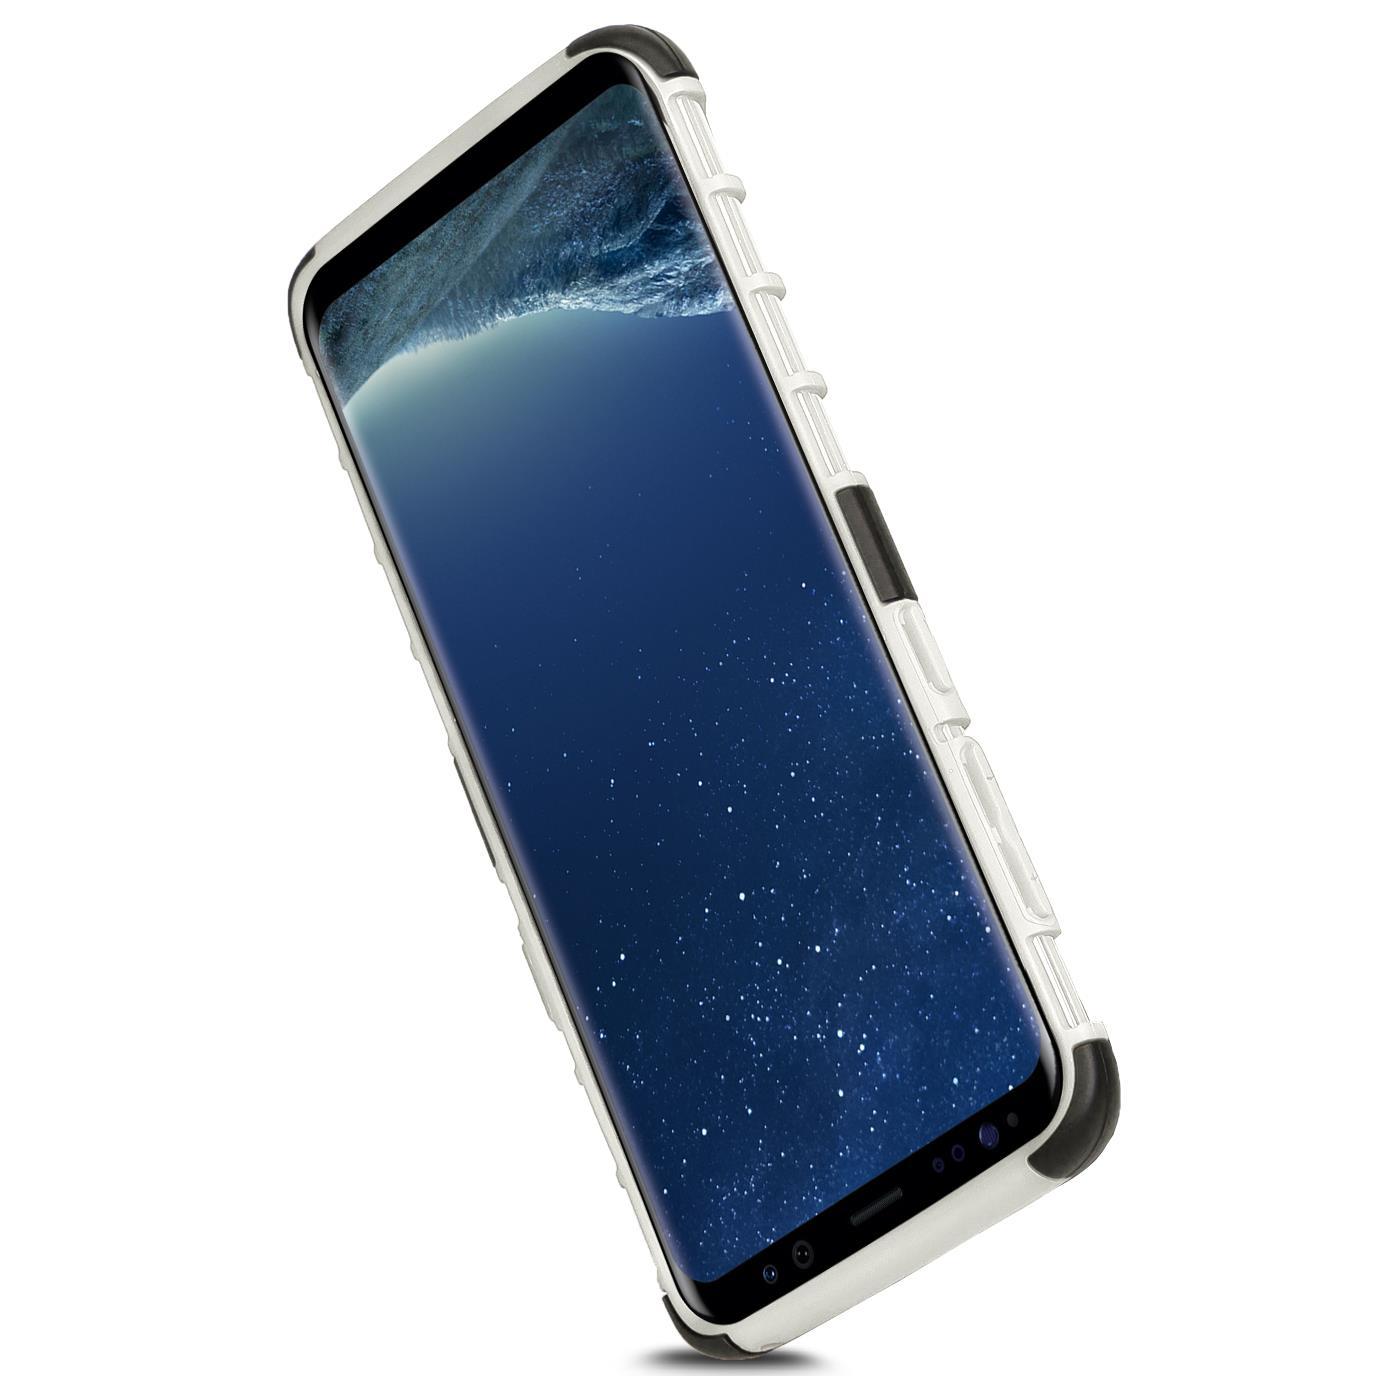 Samsung-Huelle-Hybrid-Panzer-Schutzhuelle-Handy-Schutz-Case-Ruestung-Cover-Tasche Indexbild 19